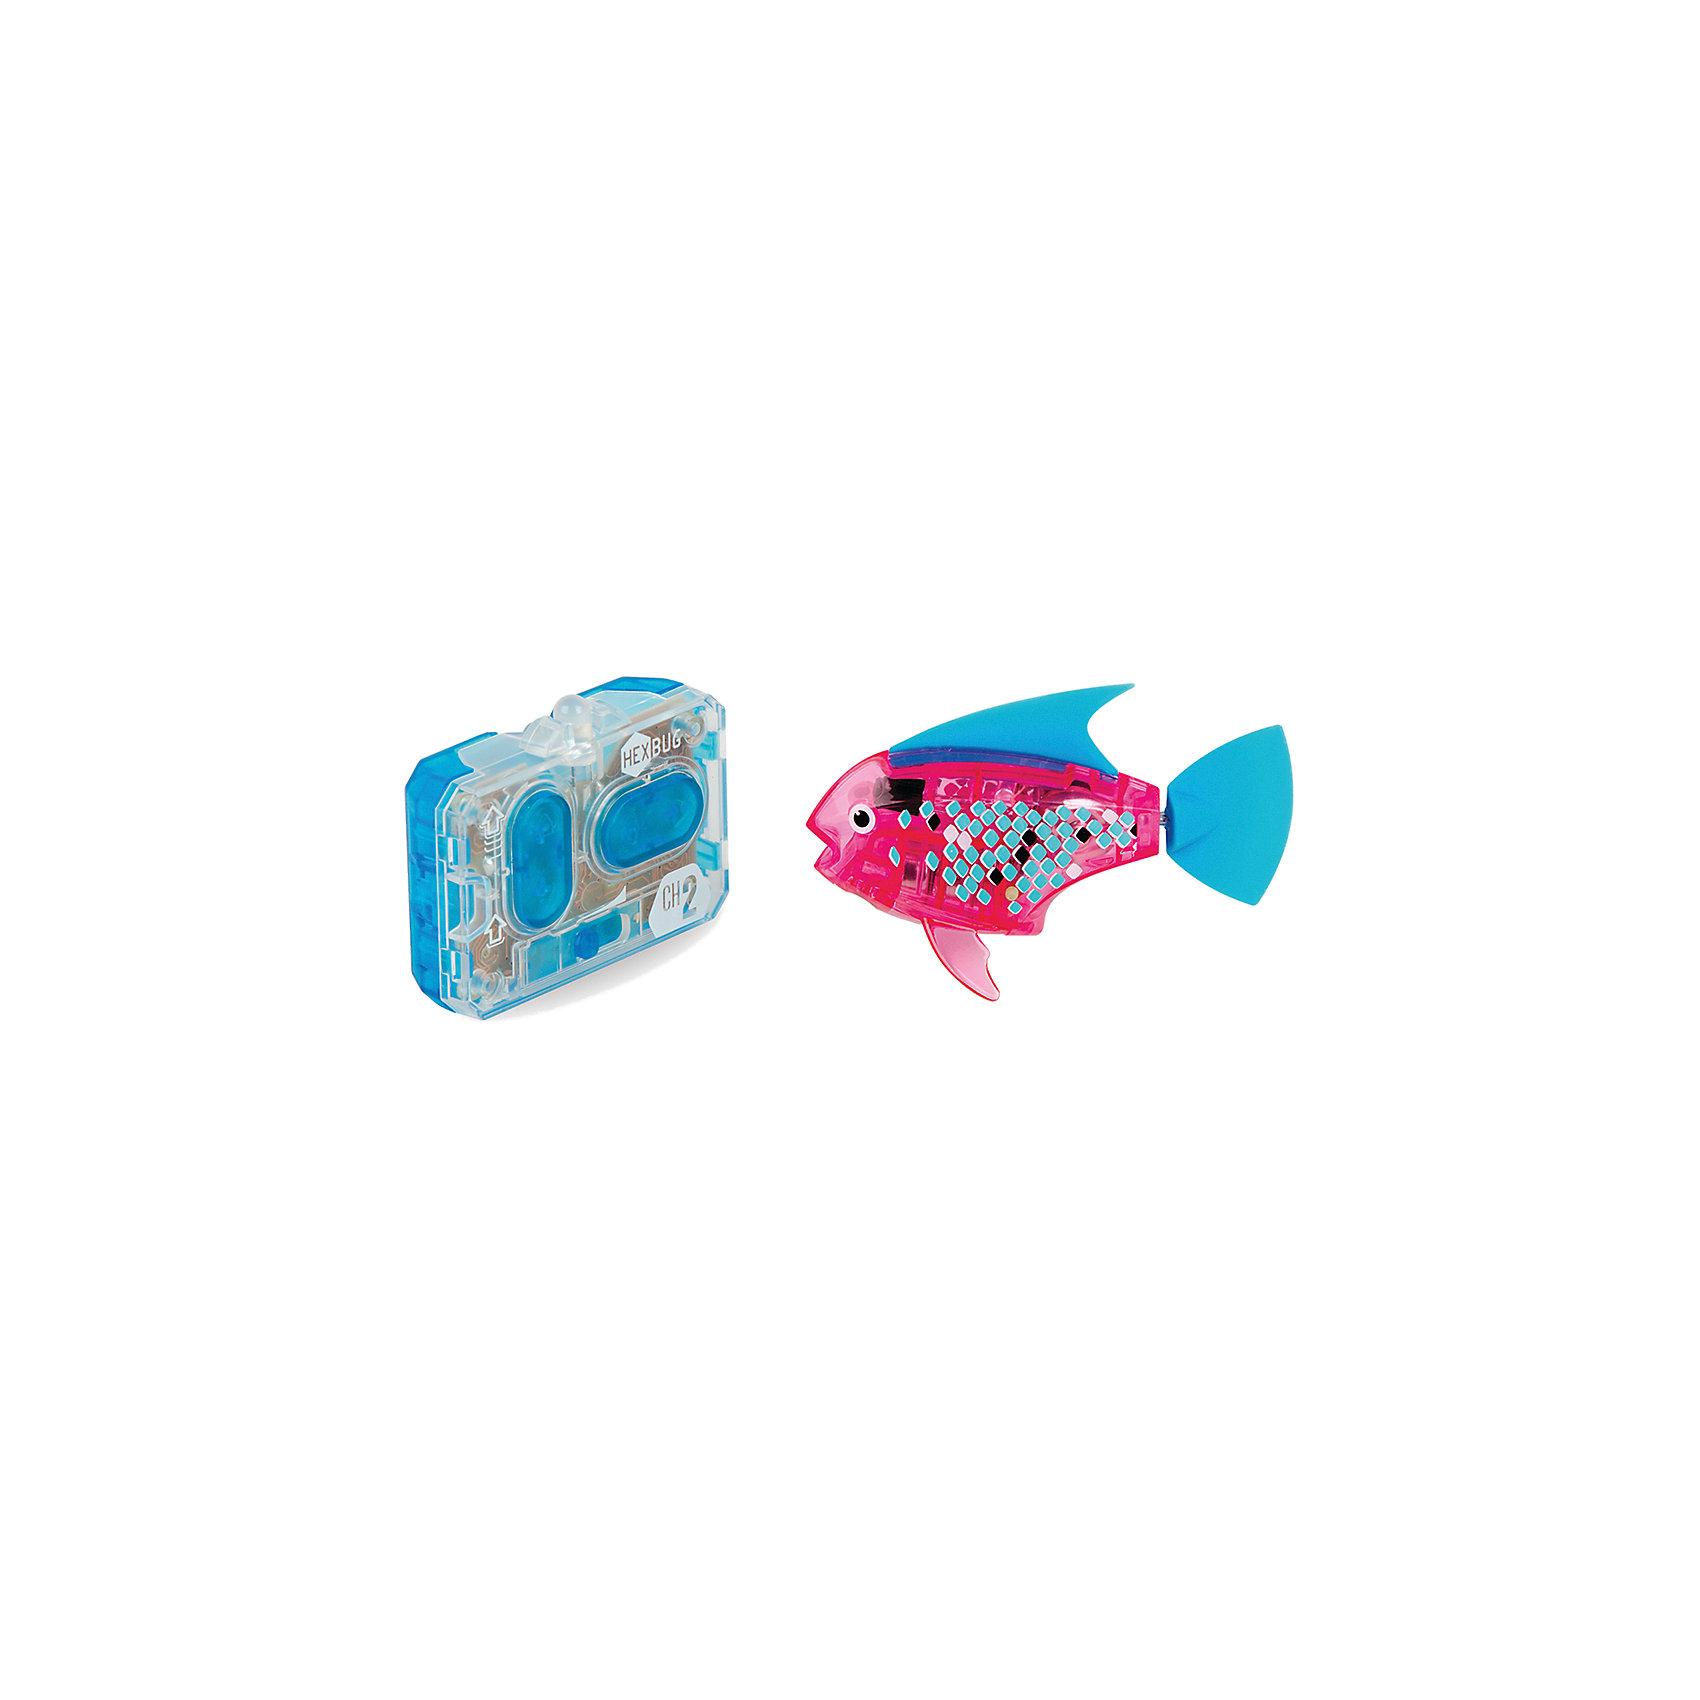 Микро-робот Aqua Bot, розовый, Hexbug<br><br>Ширина мм: 160<br>Глубина мм: 90<br>Высота мм: 120<br>Вес г: 85<br>Возраст от месяцев: 36<br>Возраст до месяцев: 2147483647<br>Пол: Унисекс<br>Возраст: Детский<br>SKU: 5507181